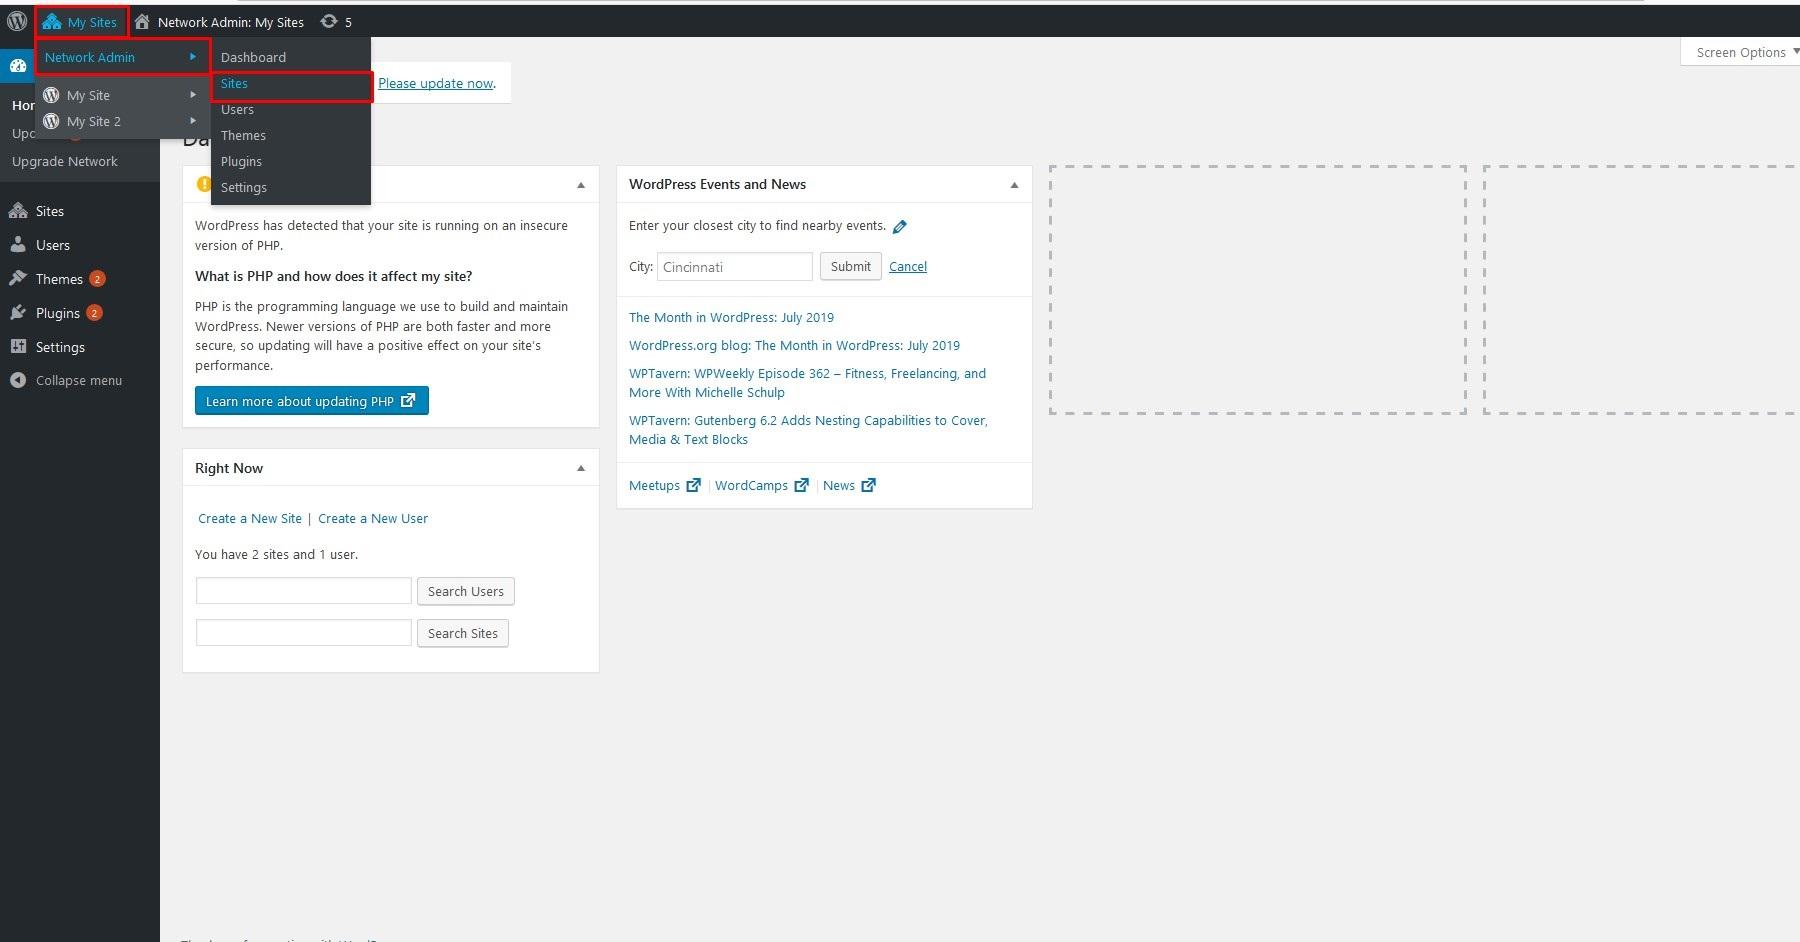 صفحه سایت ها در شبکه وردپرس